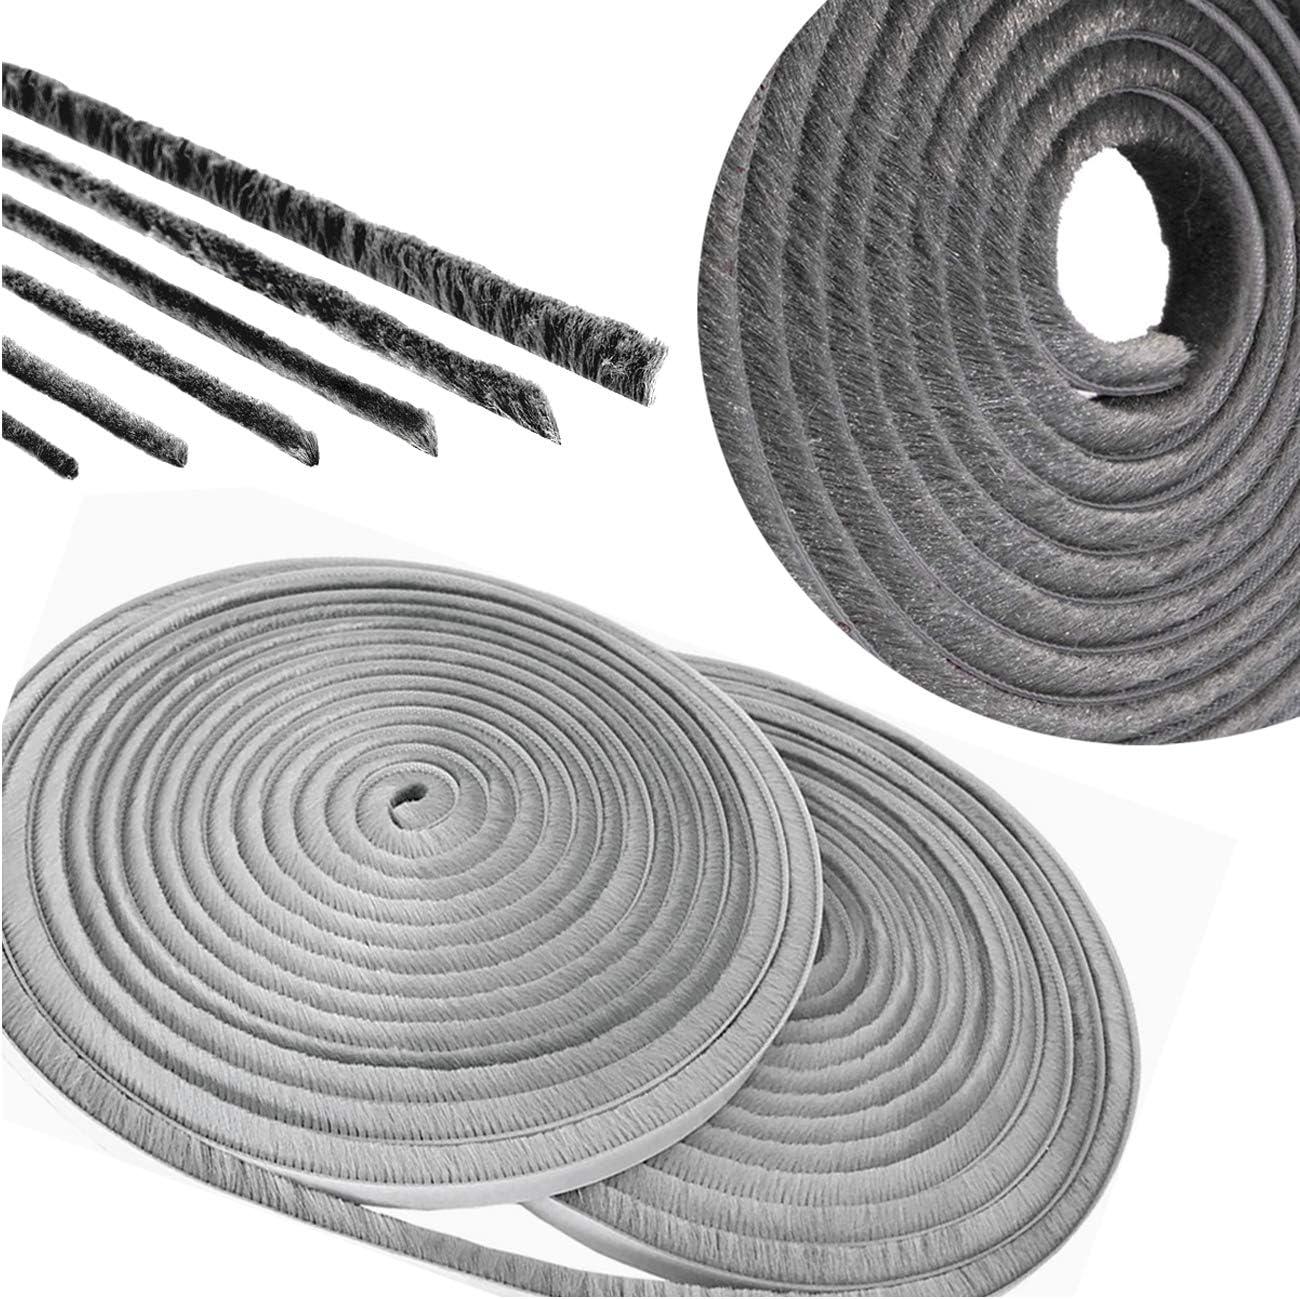 Yueser 5 m Sellado Cepillo Strip Autoadhesivo Prueba de Viento de Polvo Tira de Sellado para Marco de la Puerta Ventana Armarios 9 x 15 mm(Blanco,Gris Plateado)